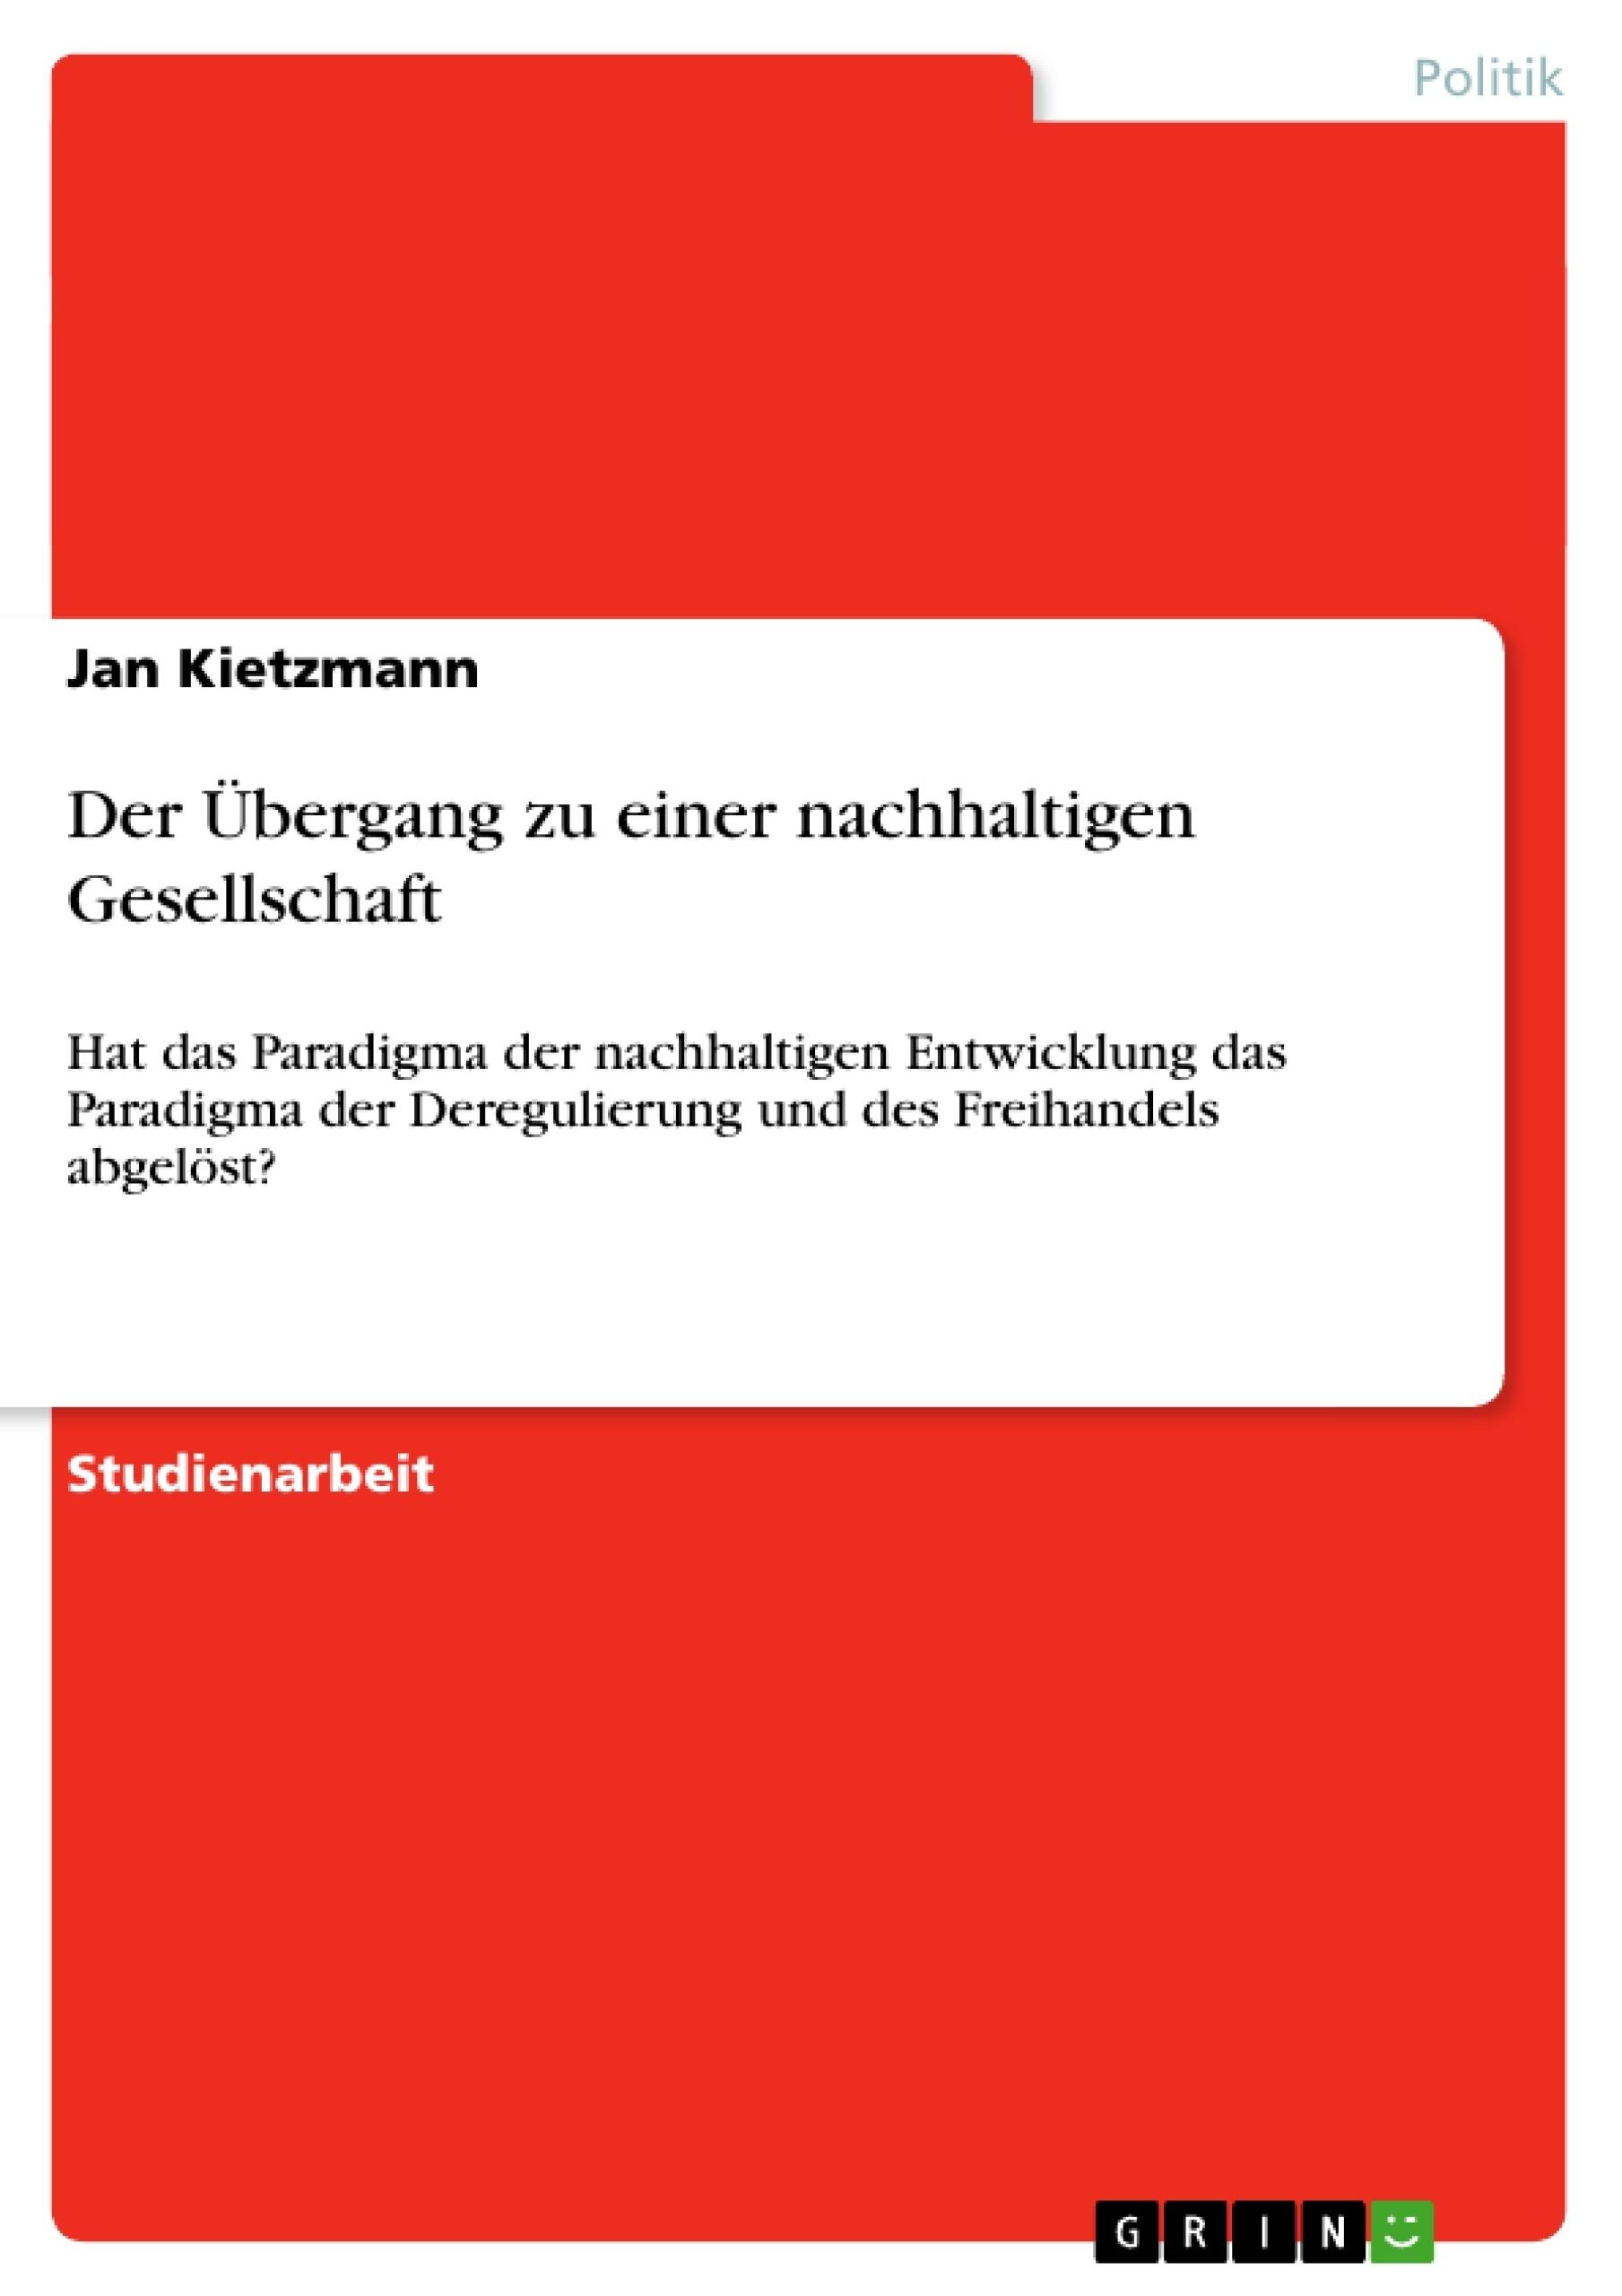 Titel: Der Übergang zu einer nachhaltigen Gesellschaft